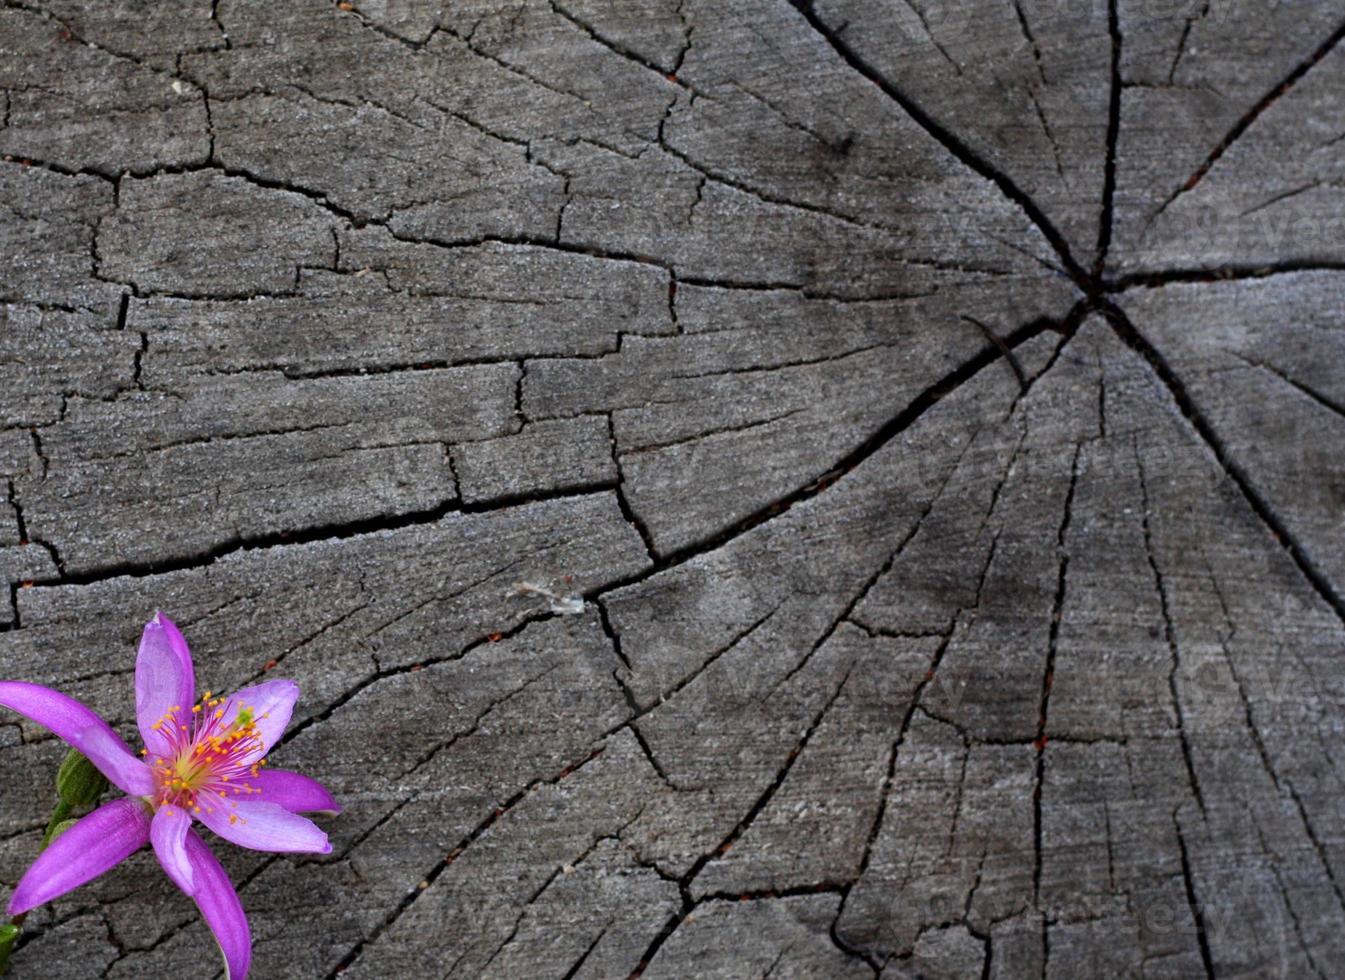 fiore rosa nell'angolo del moncone foto